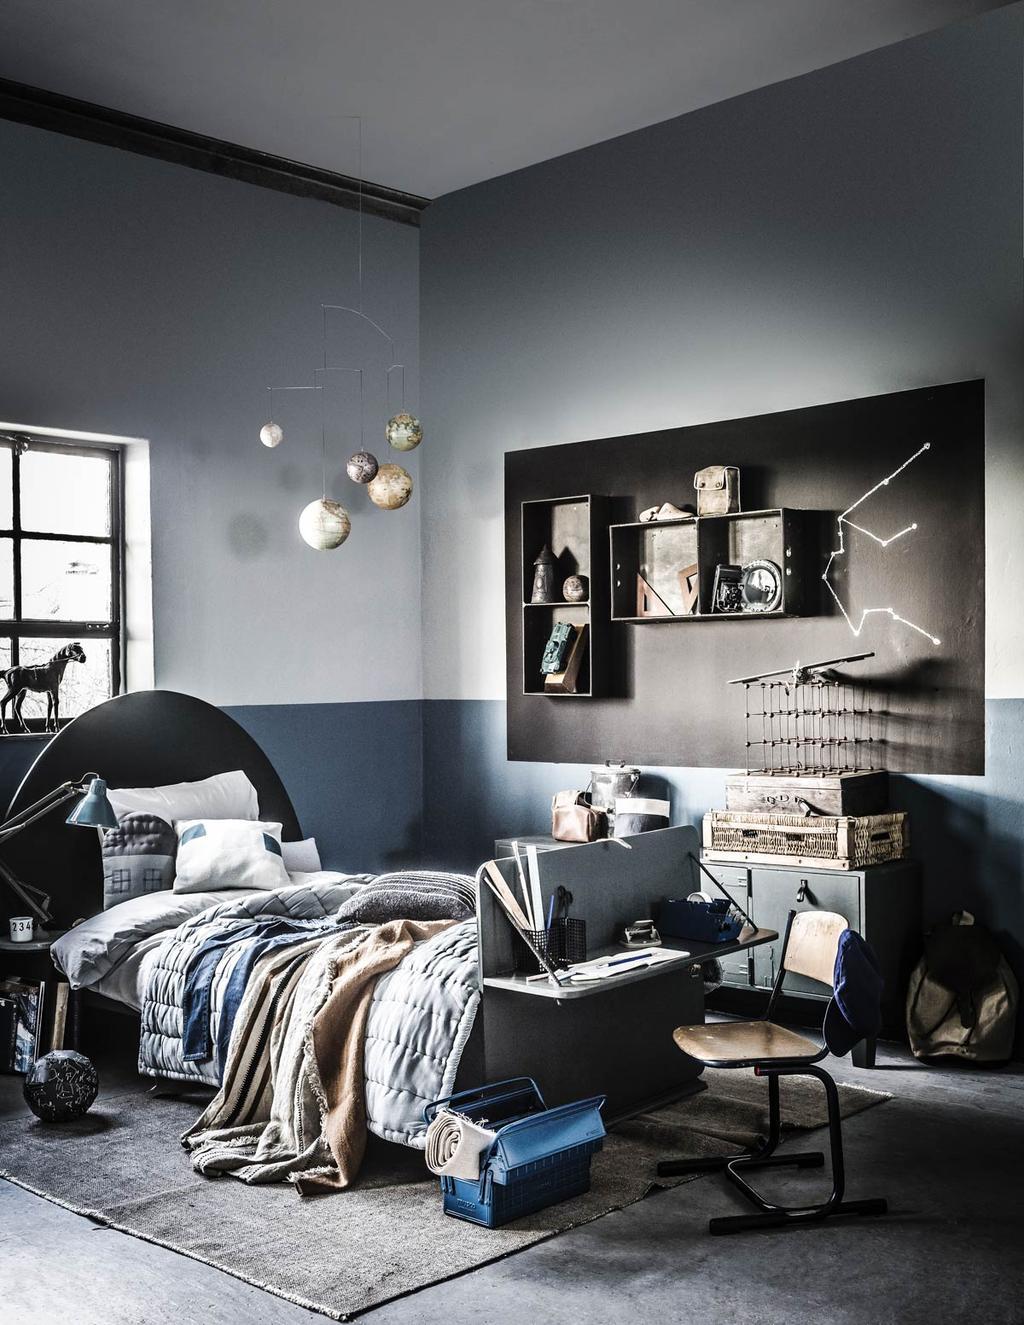 Een donkere slaapkamer met zwart vlak op de muur